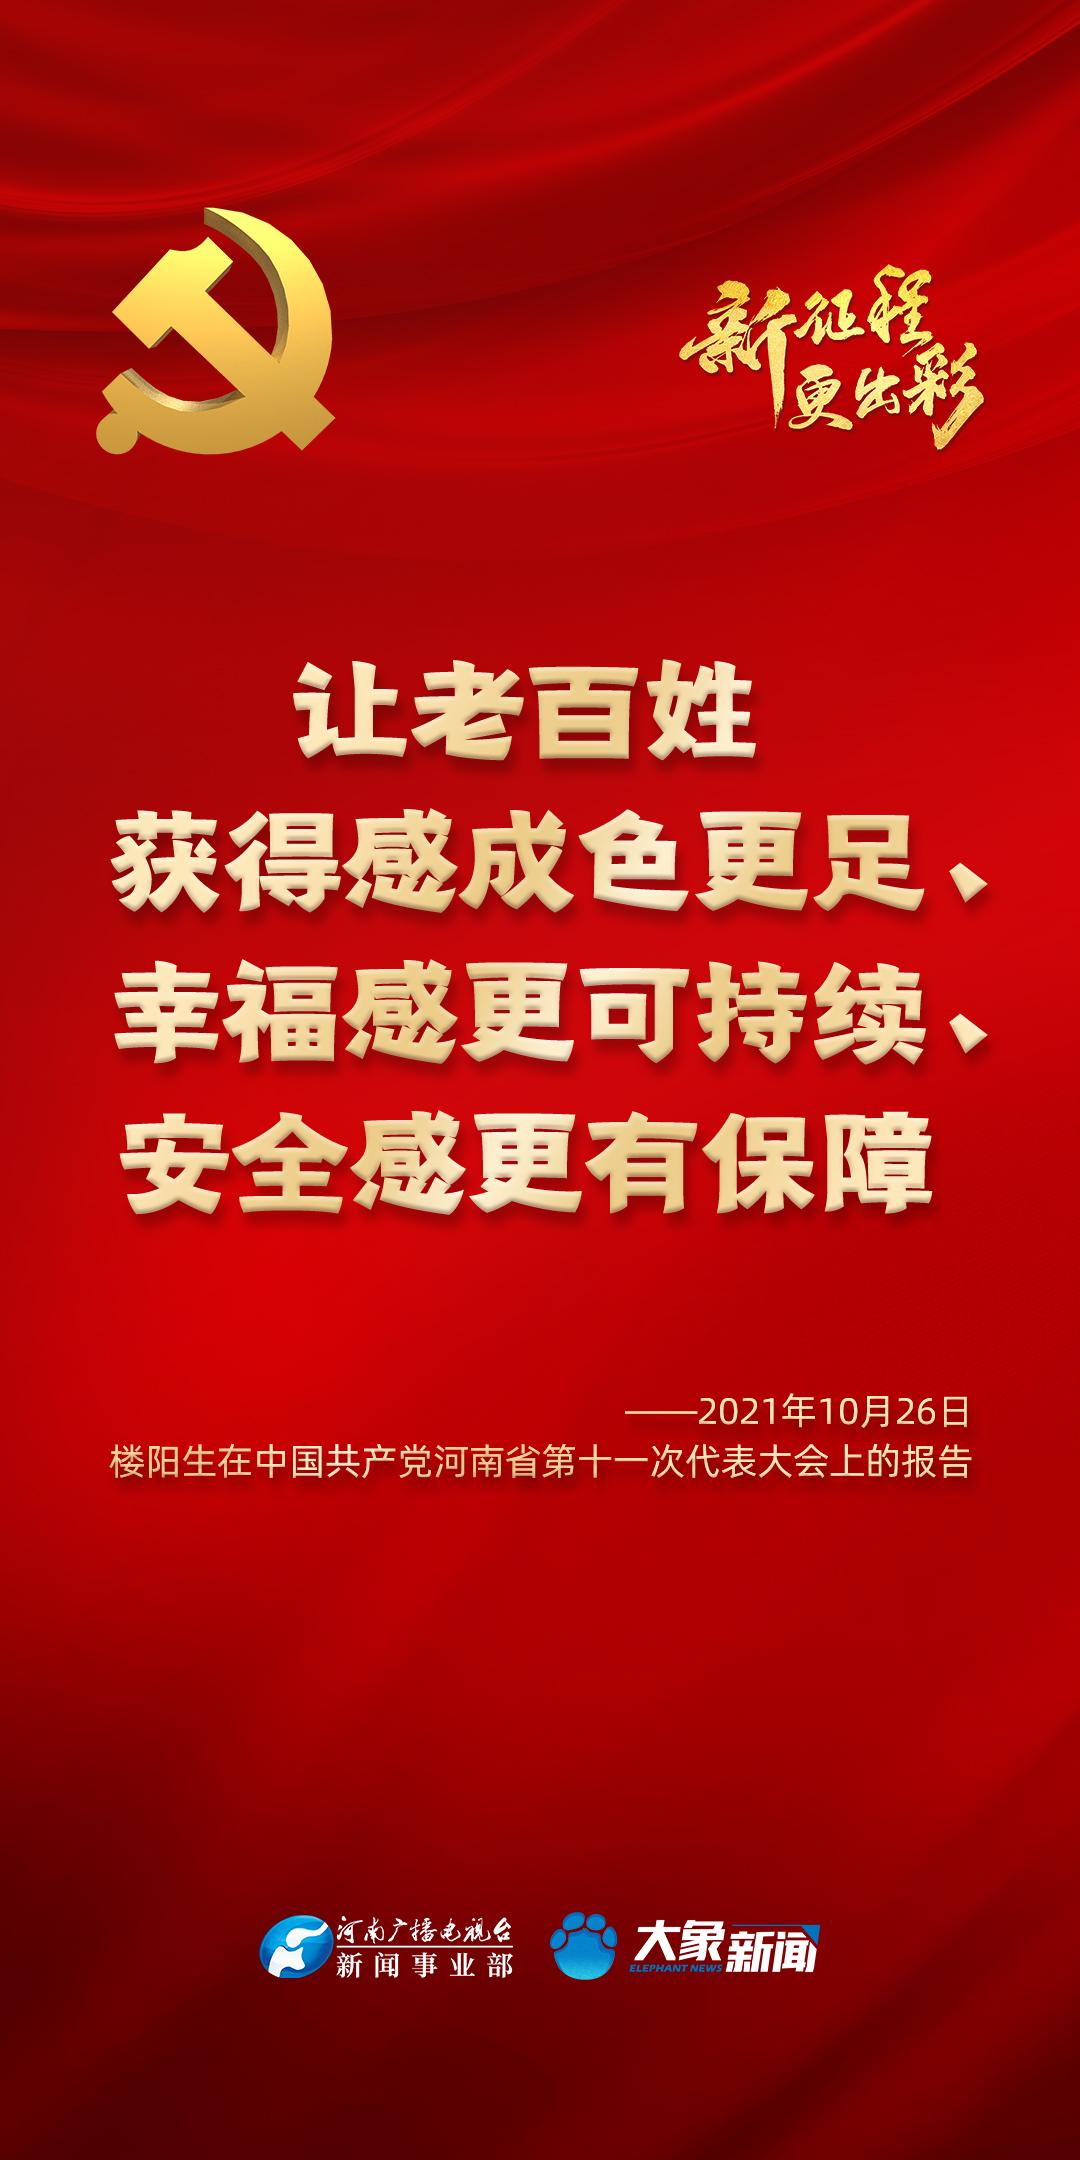 新征程 更出彩 | 河南省第十一次党代会报告中的经典句